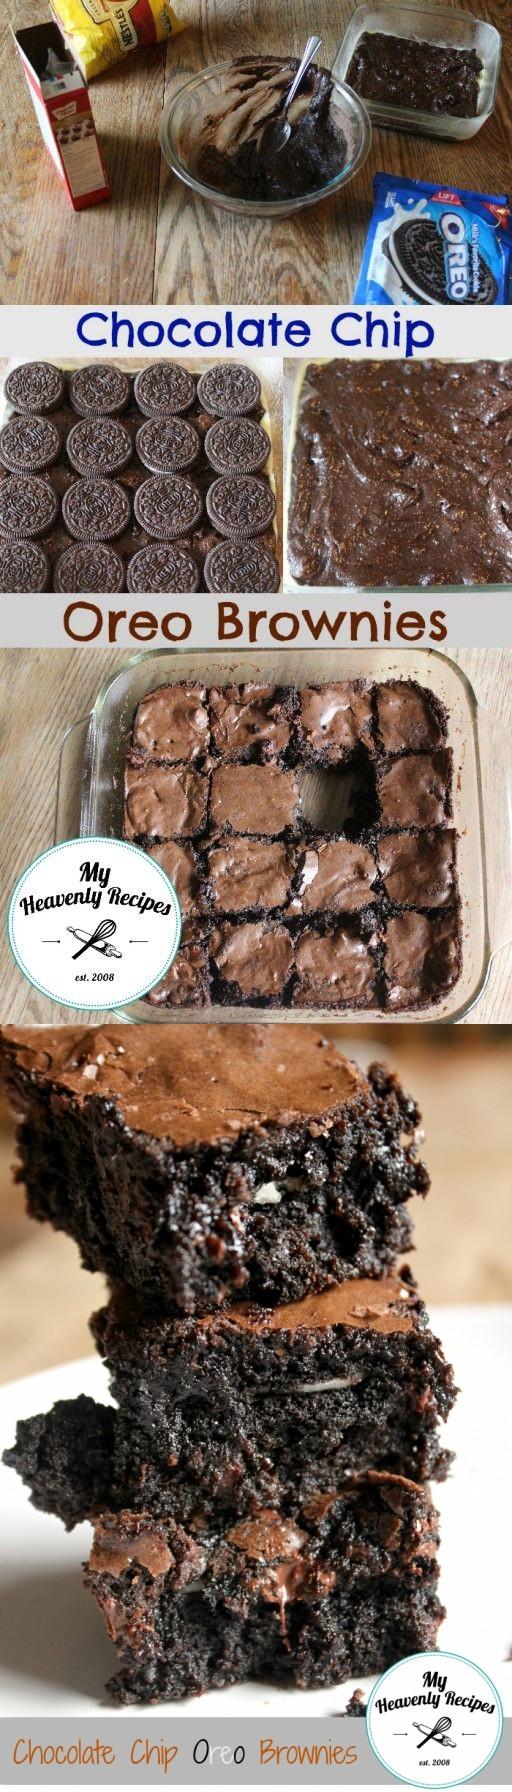 Chocolate Chip Oreo Brownie